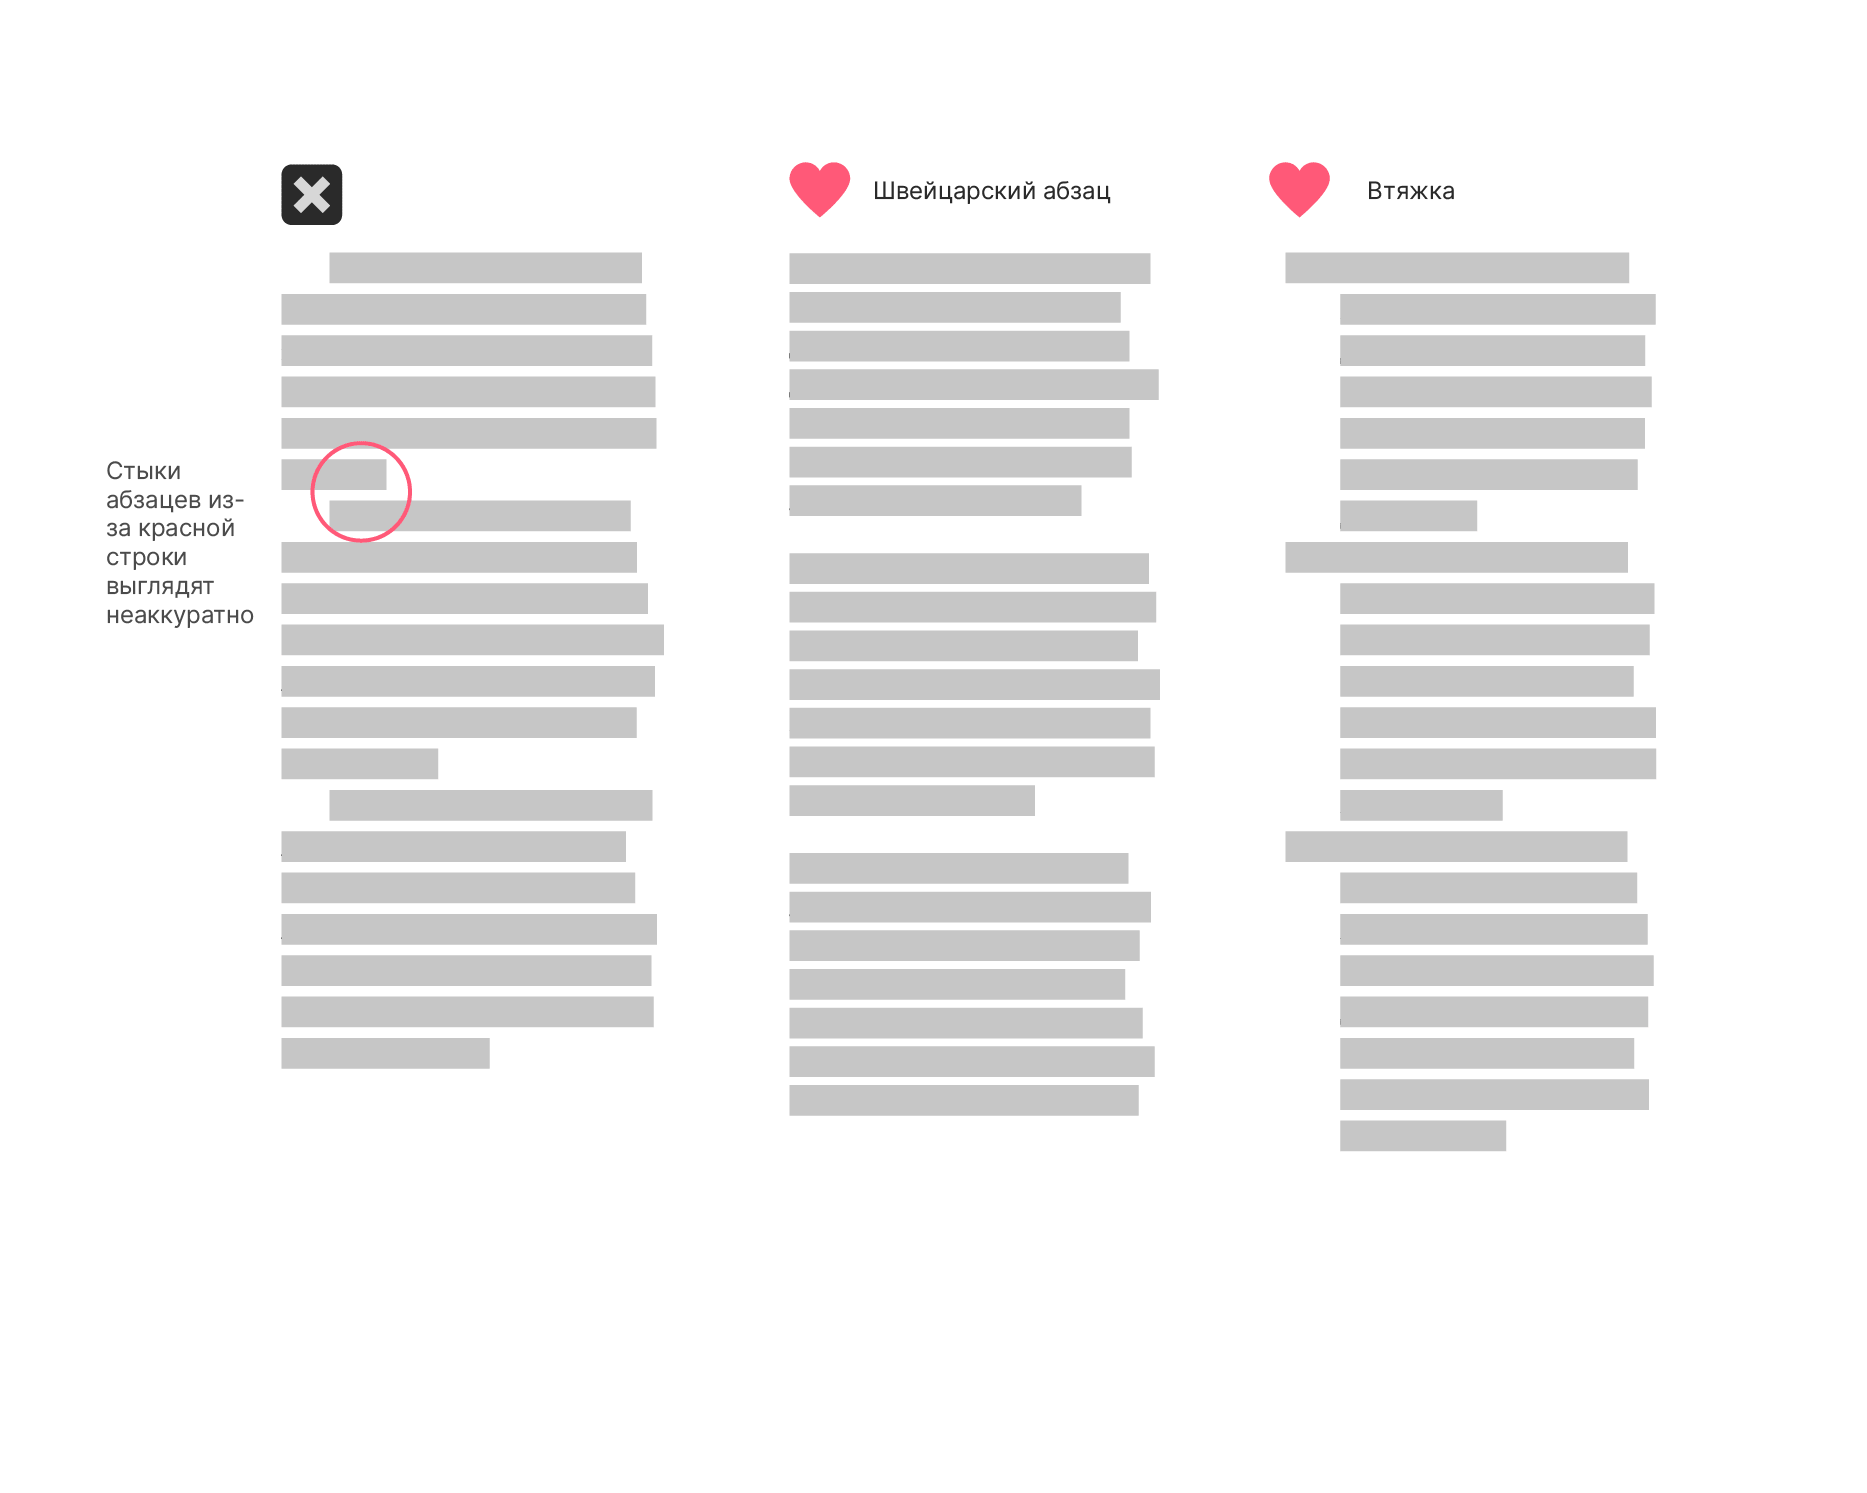 Как съесть слона: способы детализации большого текста